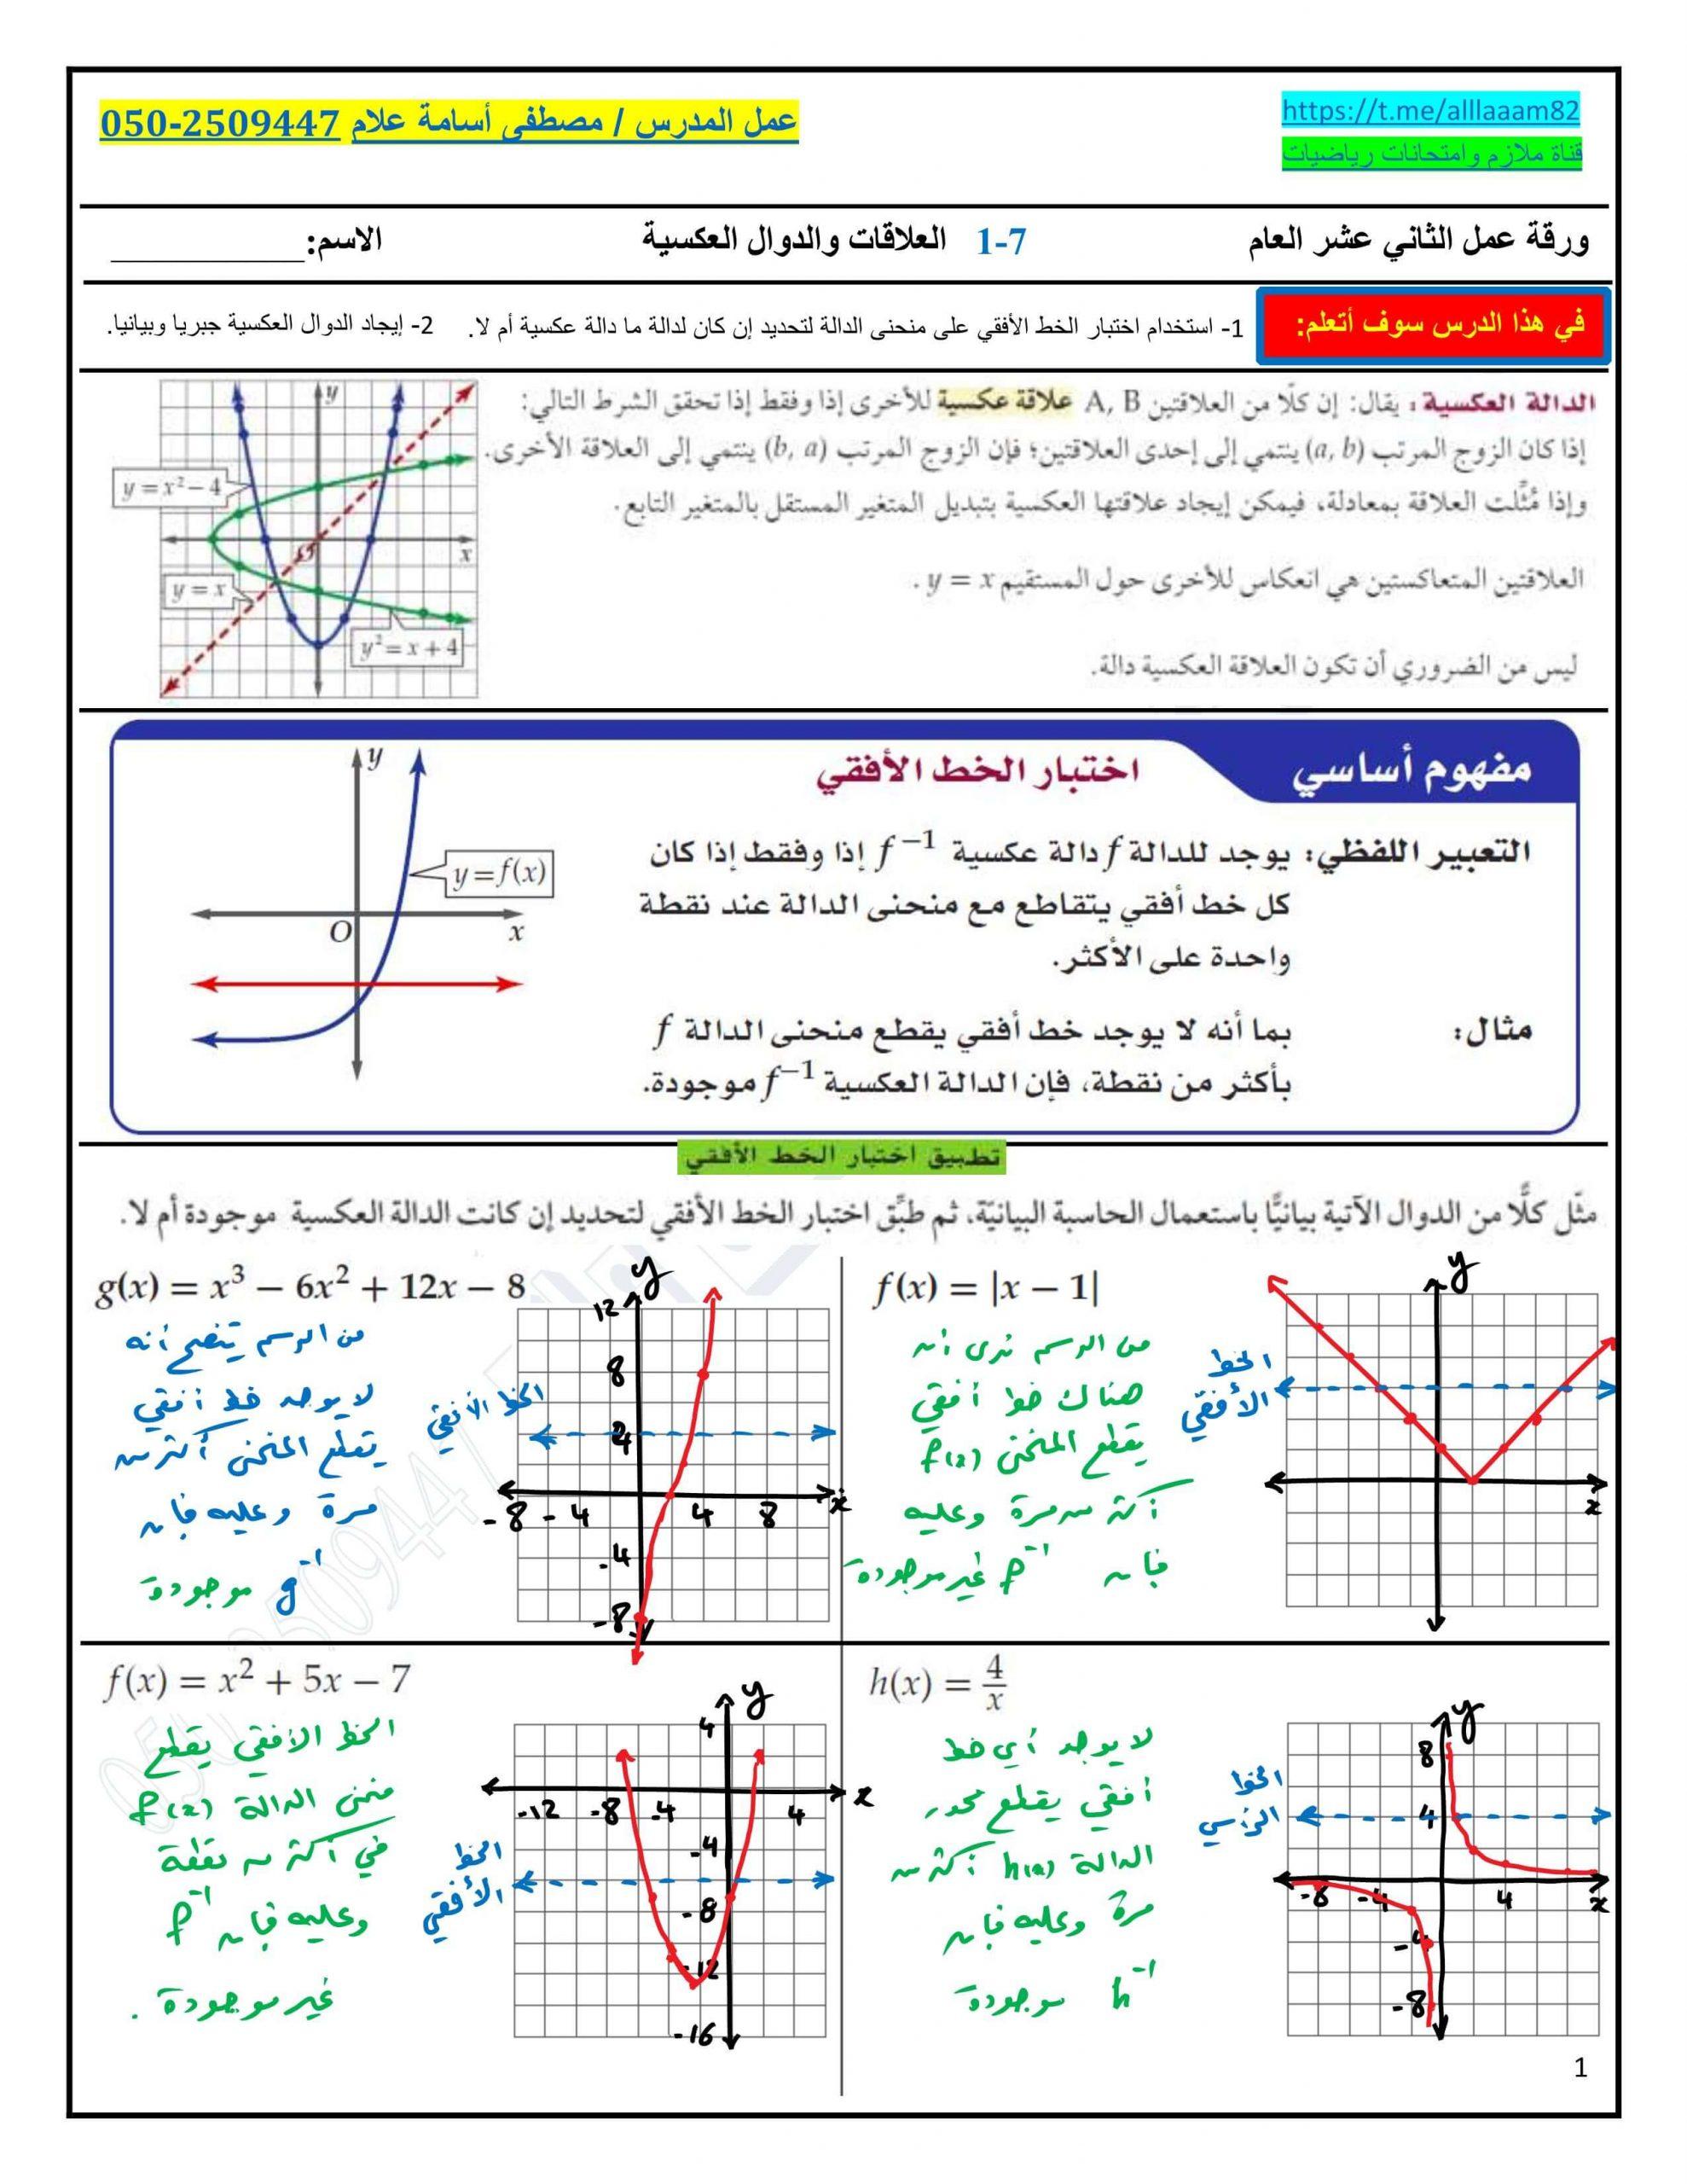 اوراق عمل العلاقات والدوال العكسية مع الاجابات للصف الثاني عشر عام مادة الرياضيات المتكاملة